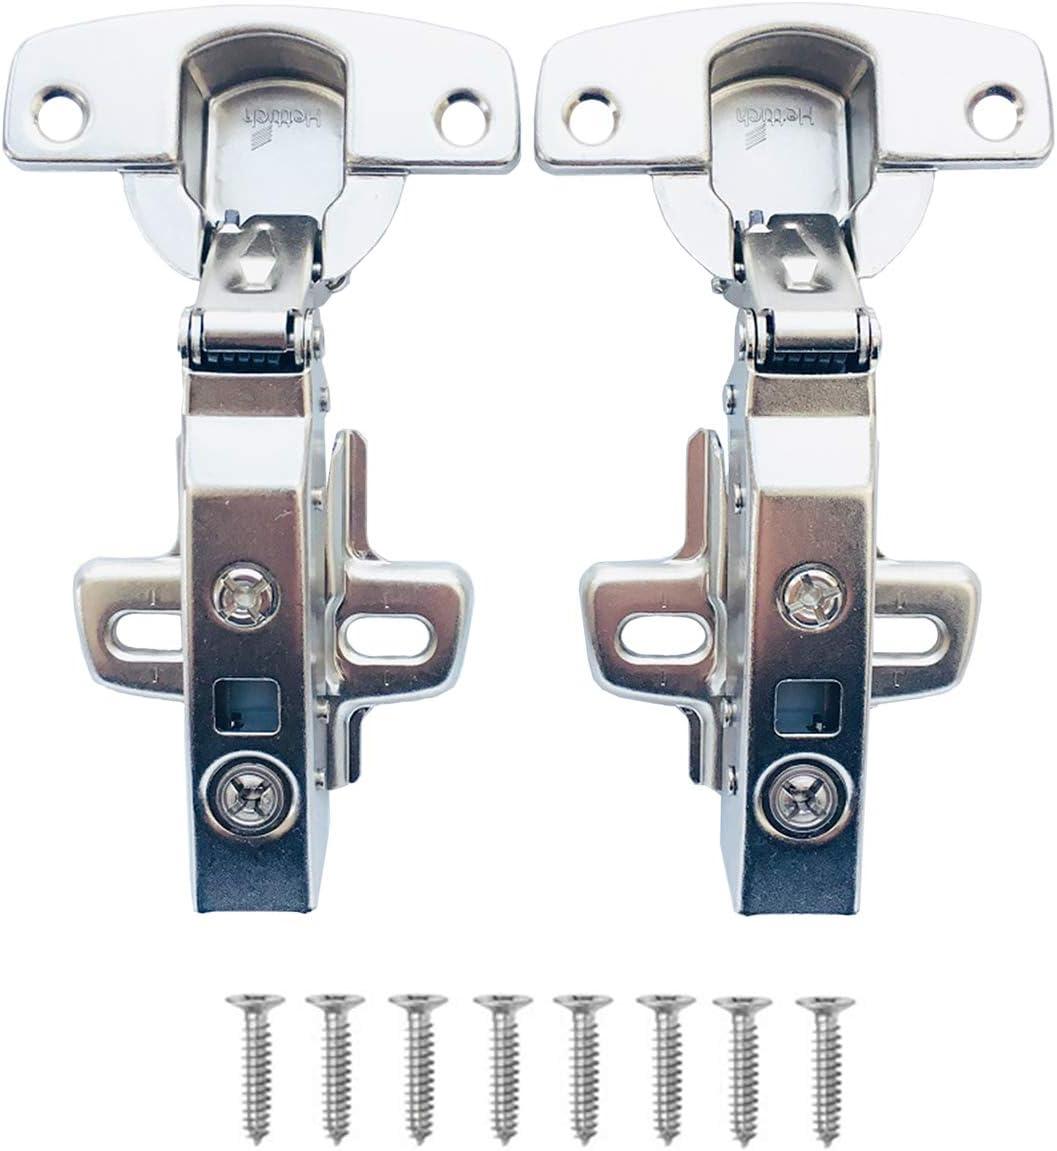 Hettich Sensys 8645i TH52 110 Grado Superposición Total Bisagras 9071205 Automática con Amortiguación Integrada Suave Cierre Automático para Puerta Mueble Armario Amortiguadores 2 Pcs